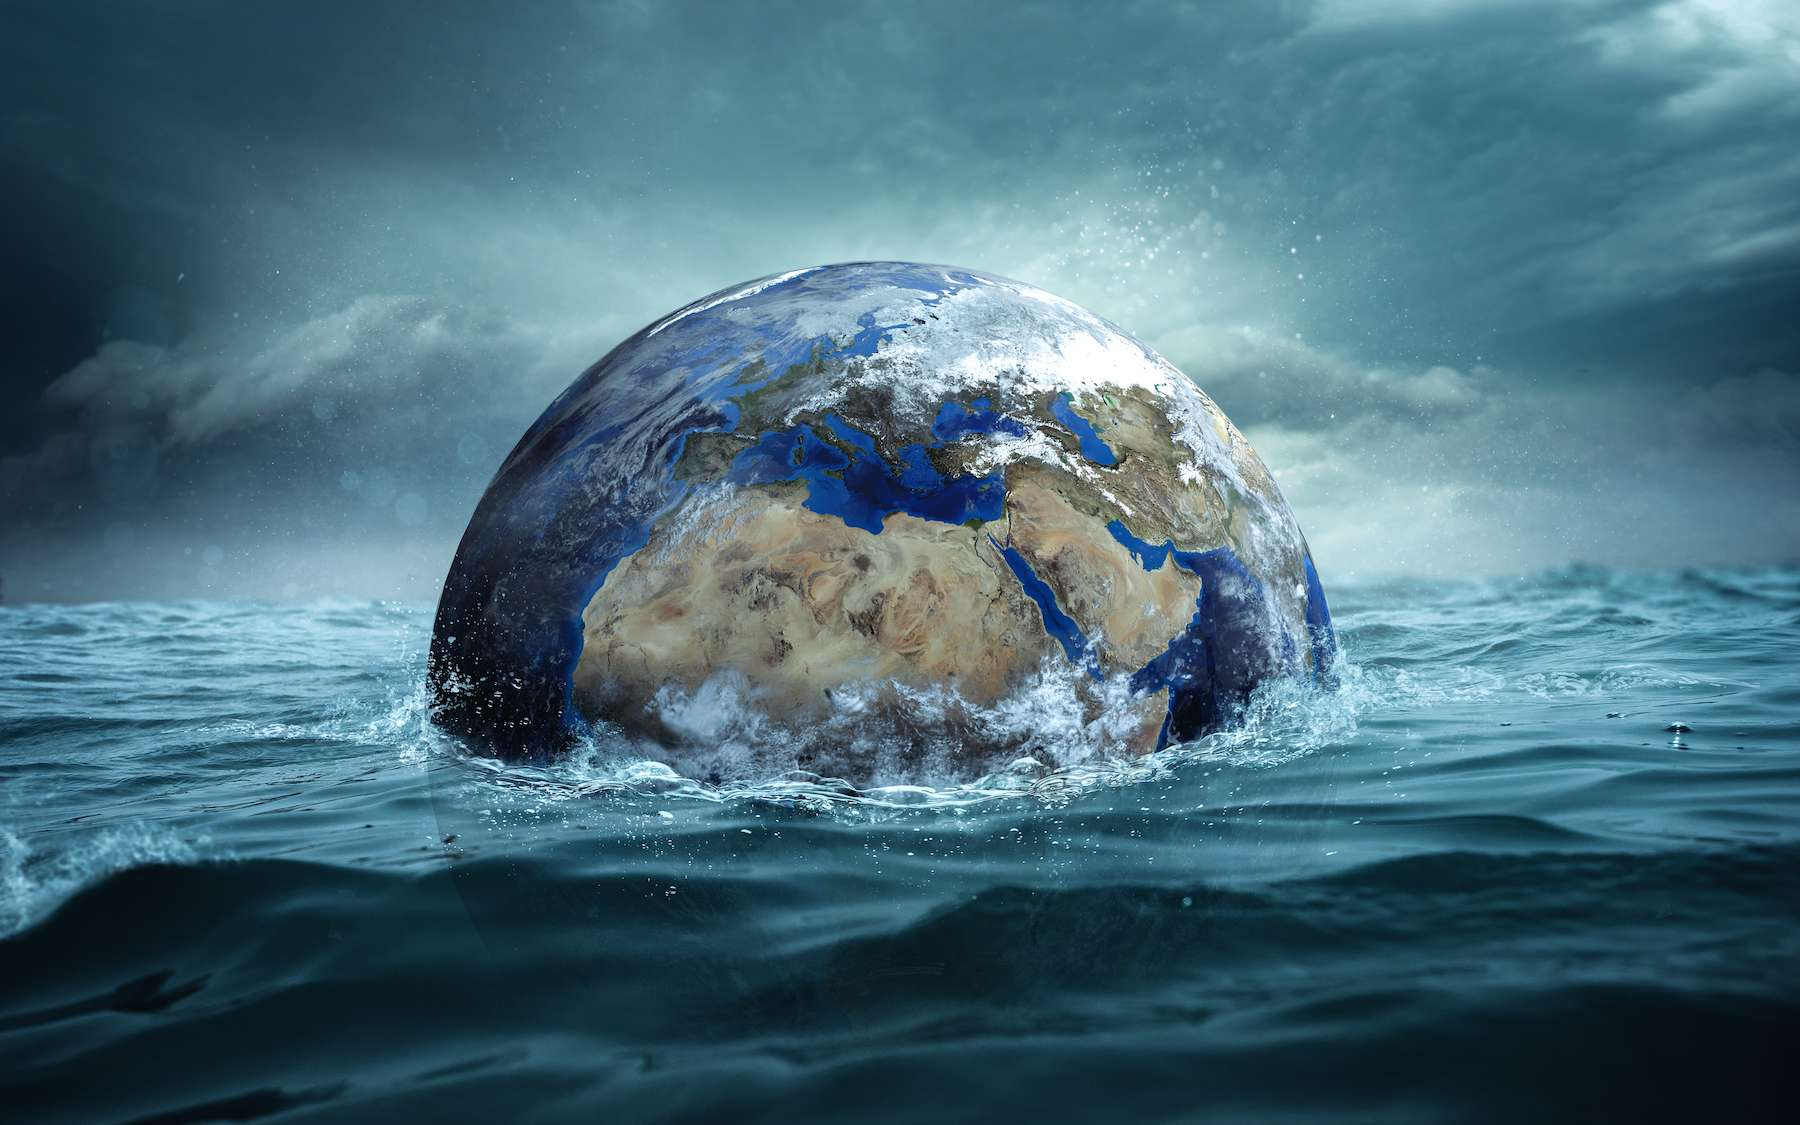 La Terre était noyée sous l'eau il y a 3 milliards d'années - Futura